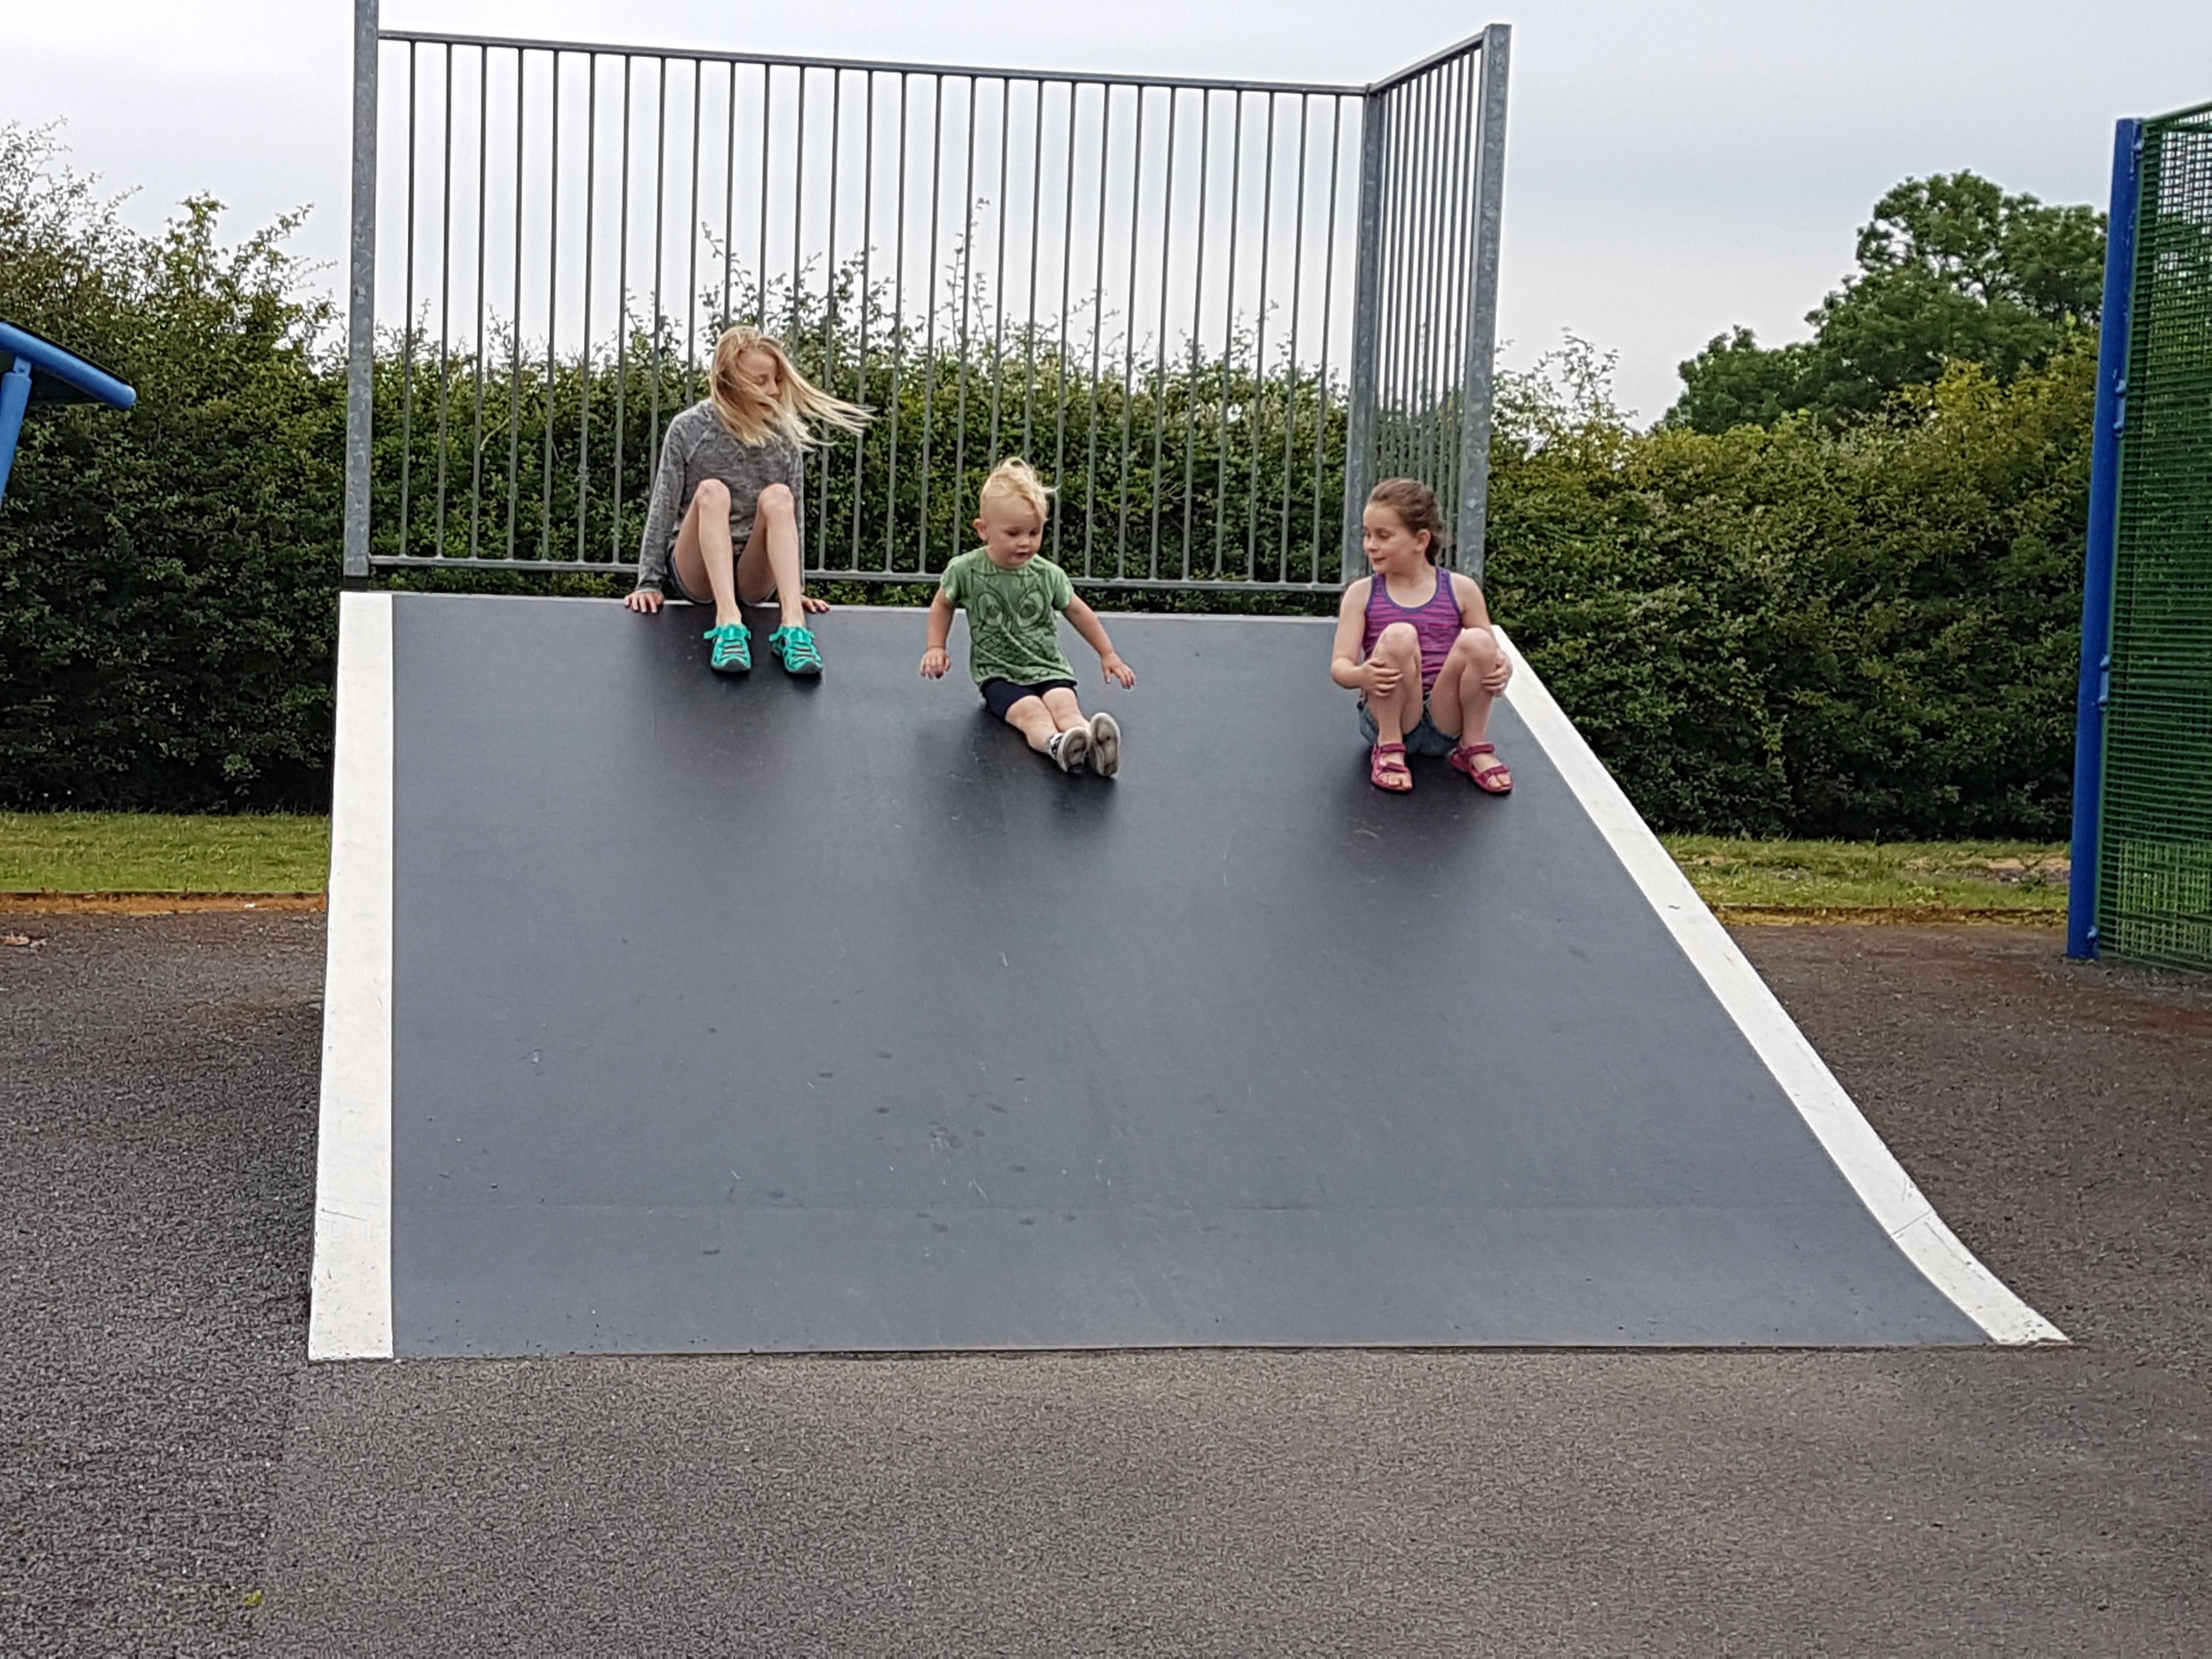 family-time-skate-park